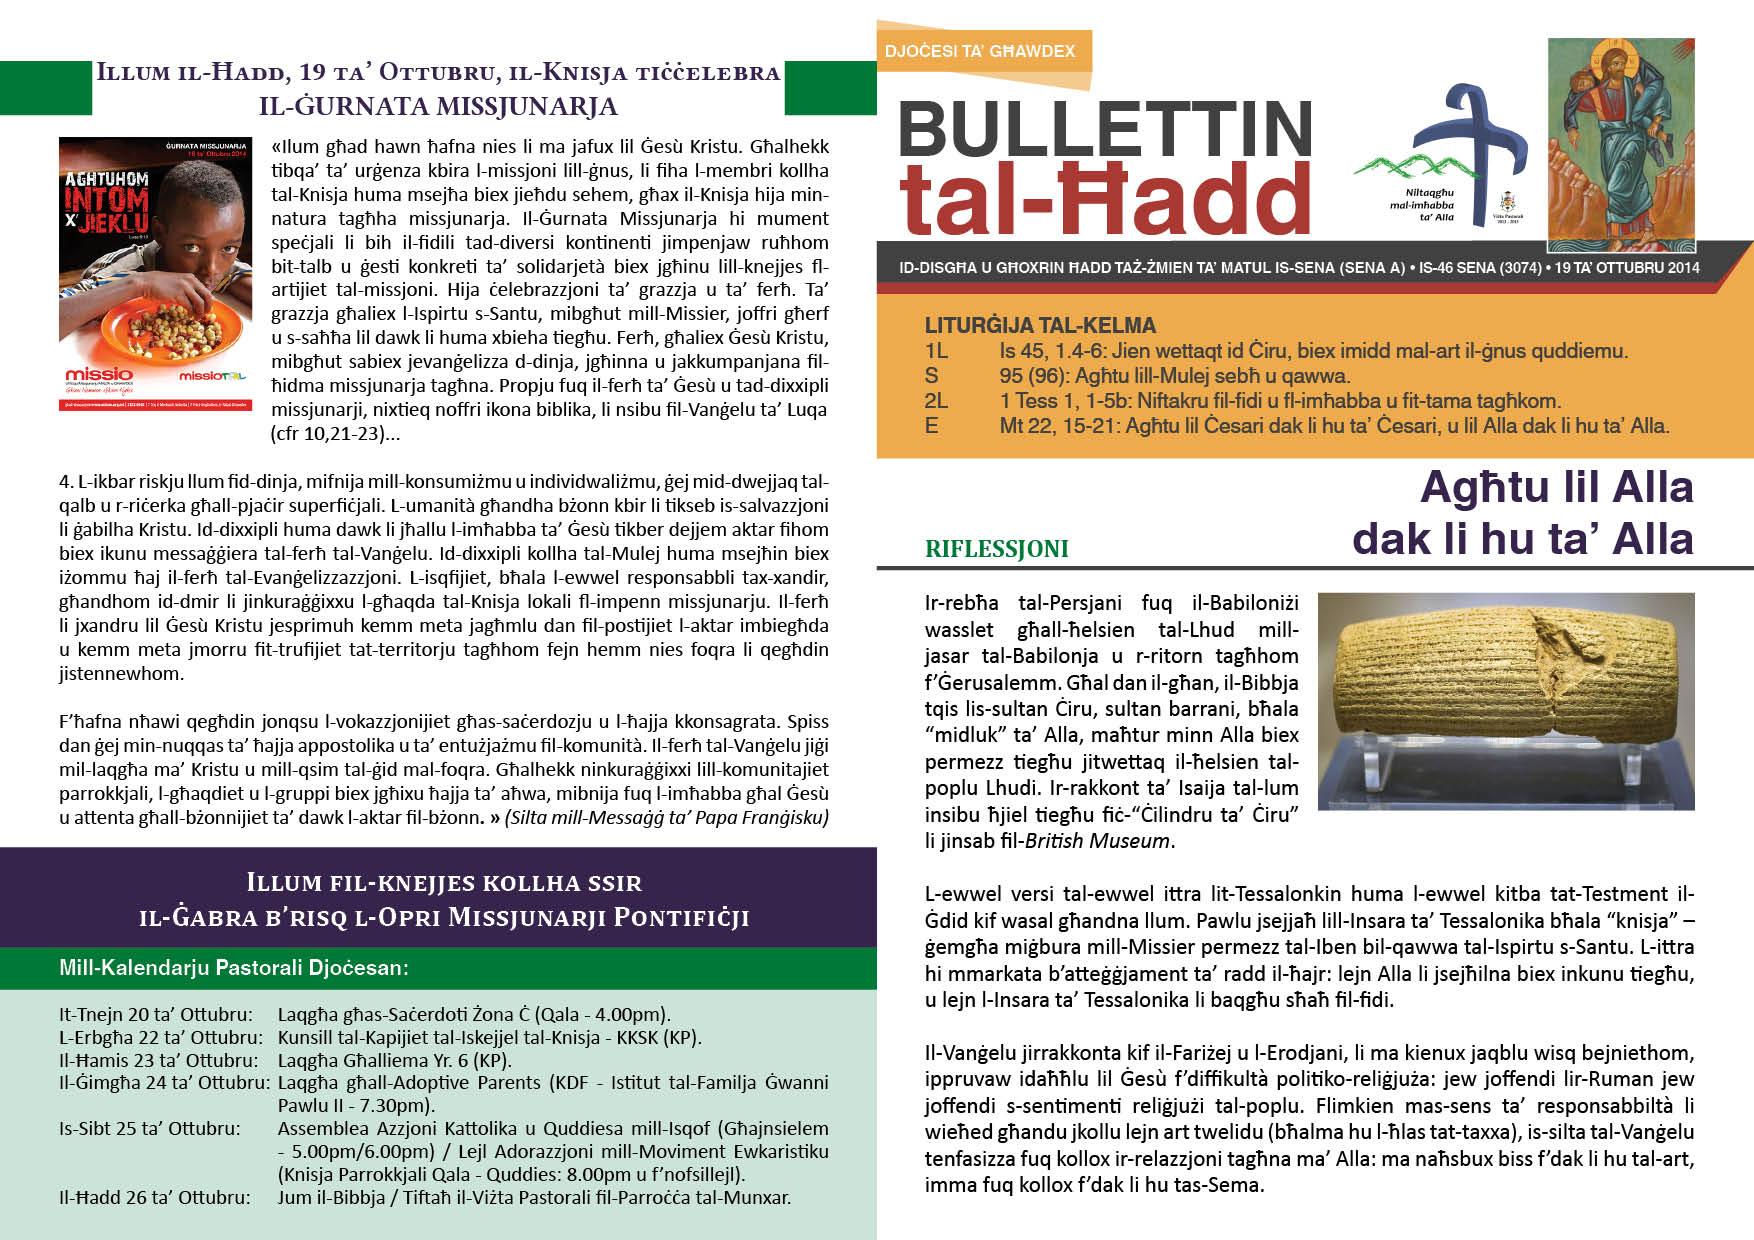 bullettin-2014-ottubru-19.jpg